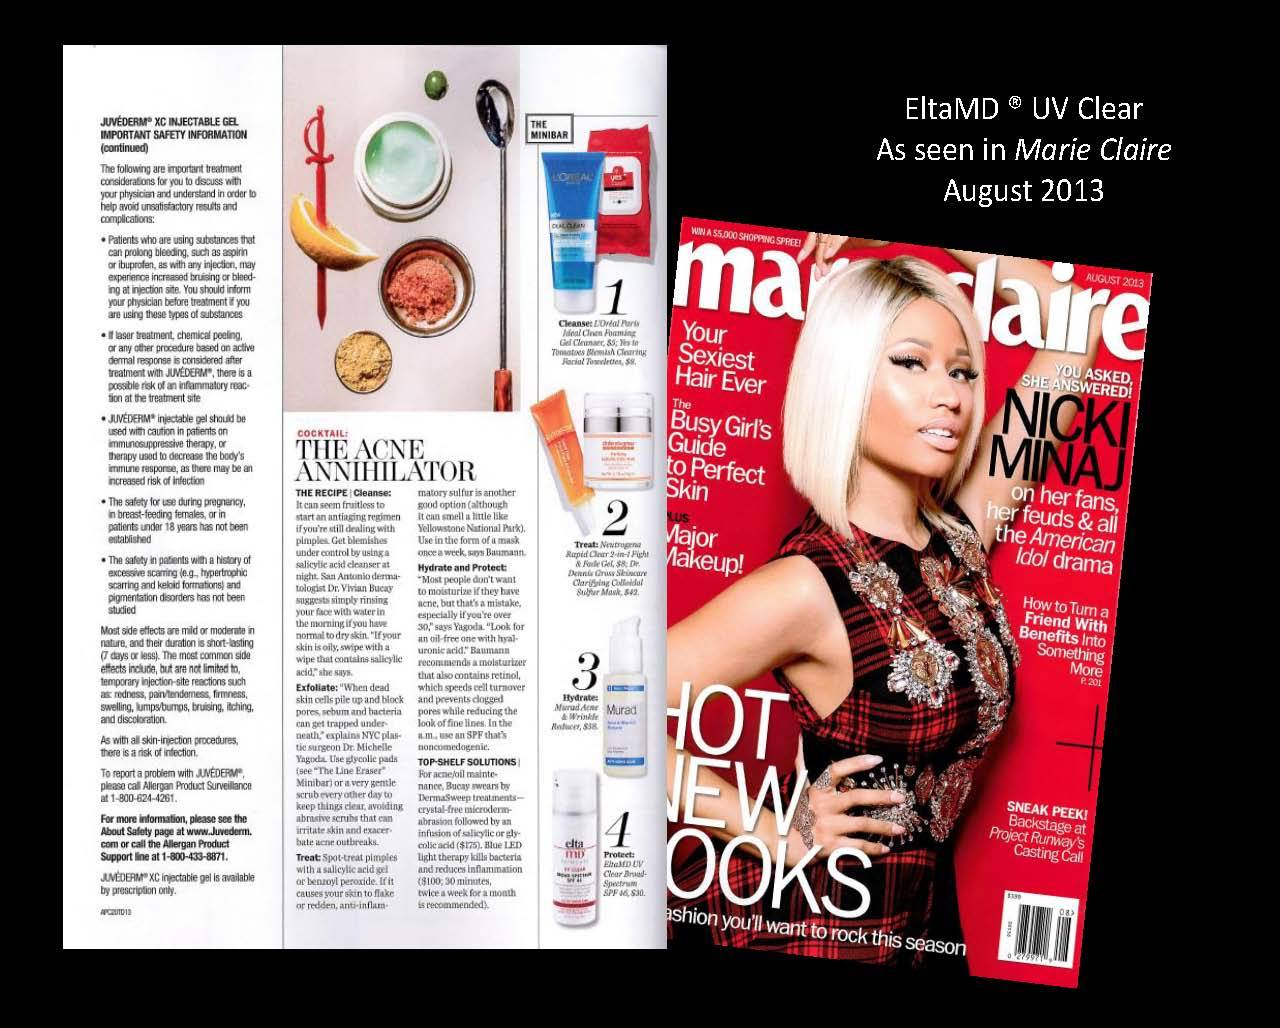 EltaMD products in magazine